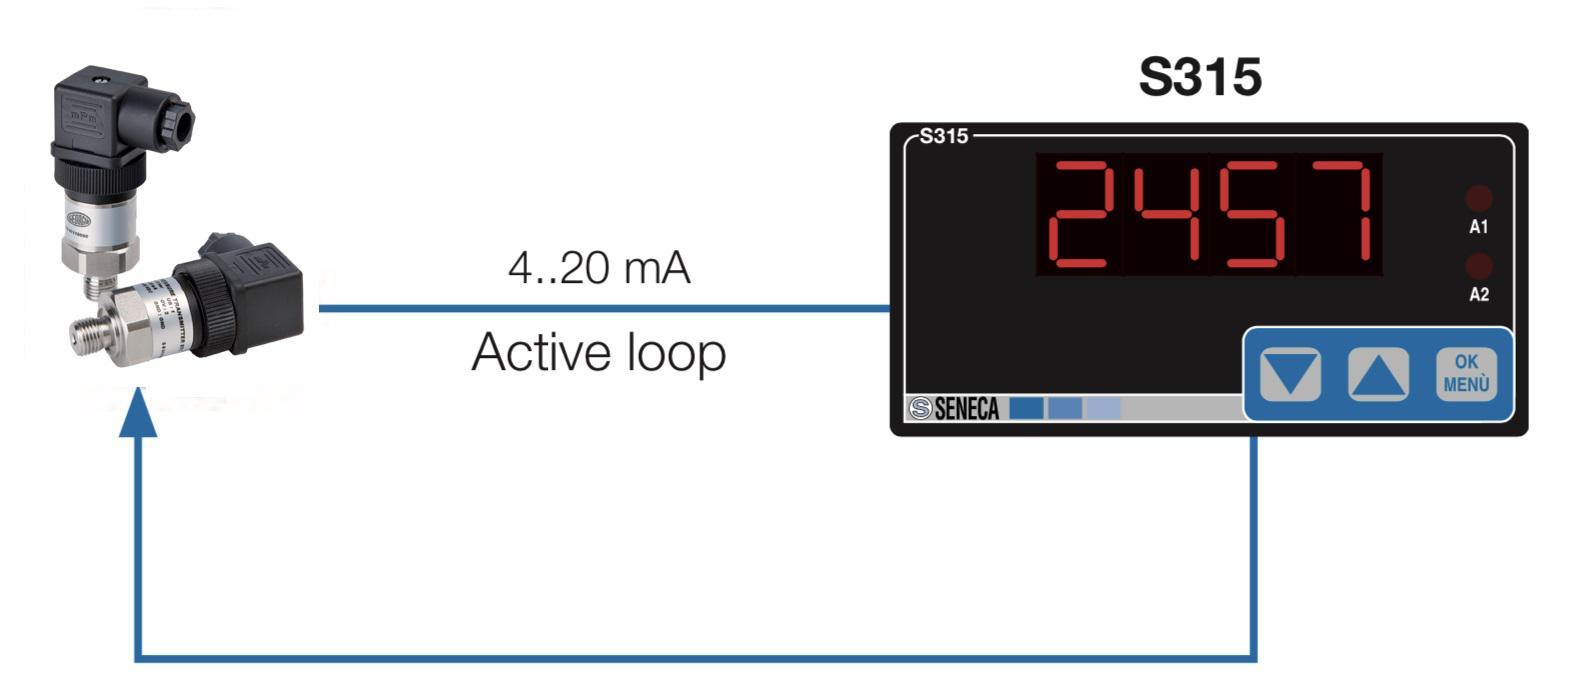 Đồng hồ hiển thị áp suất giúp chúng ta đọc được giá trị áp suất từ cảm biến